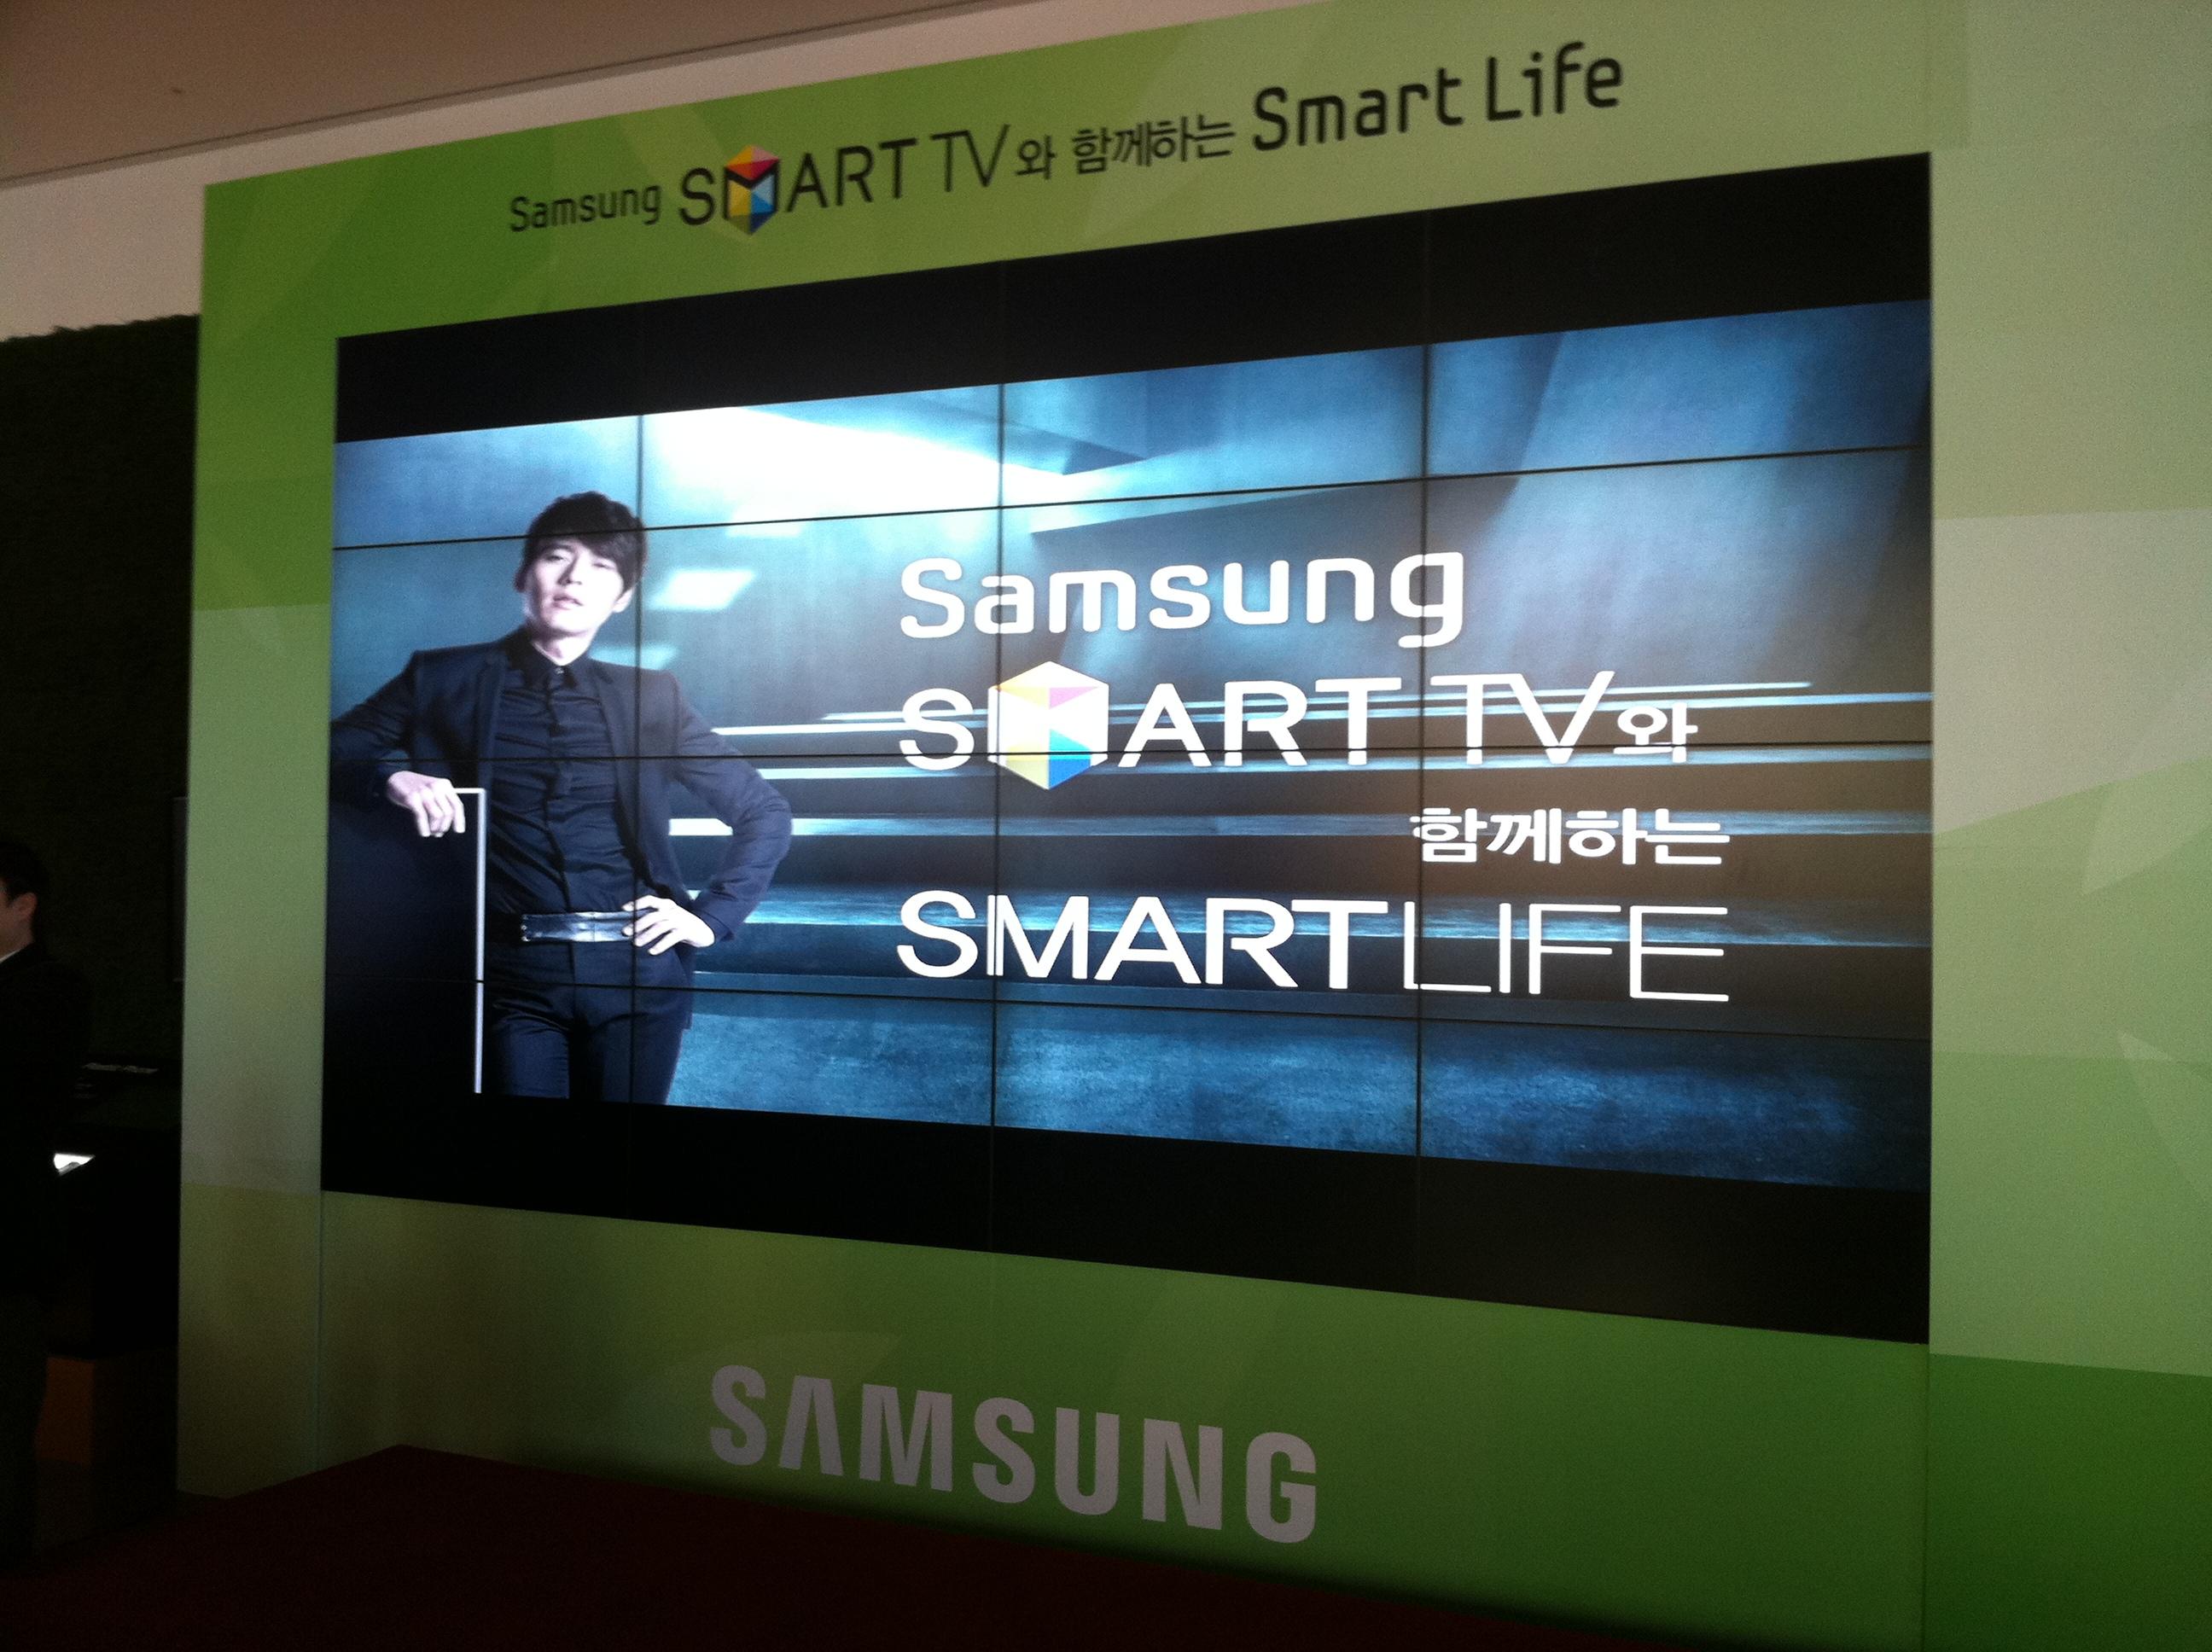 IT, 삼성, SAMSUNG, 스마트티 비, SmartTV, 스마트TV, 삼성 스마트티비, 블루투스, 리모컨, 블루투스리 모컨, 품평회, 사용기, 액티브방 식, 패시브방식, 3D, 3DTV, 우수성, 삼성 우수성, 극찬, 높이, 블루투스 리모컨